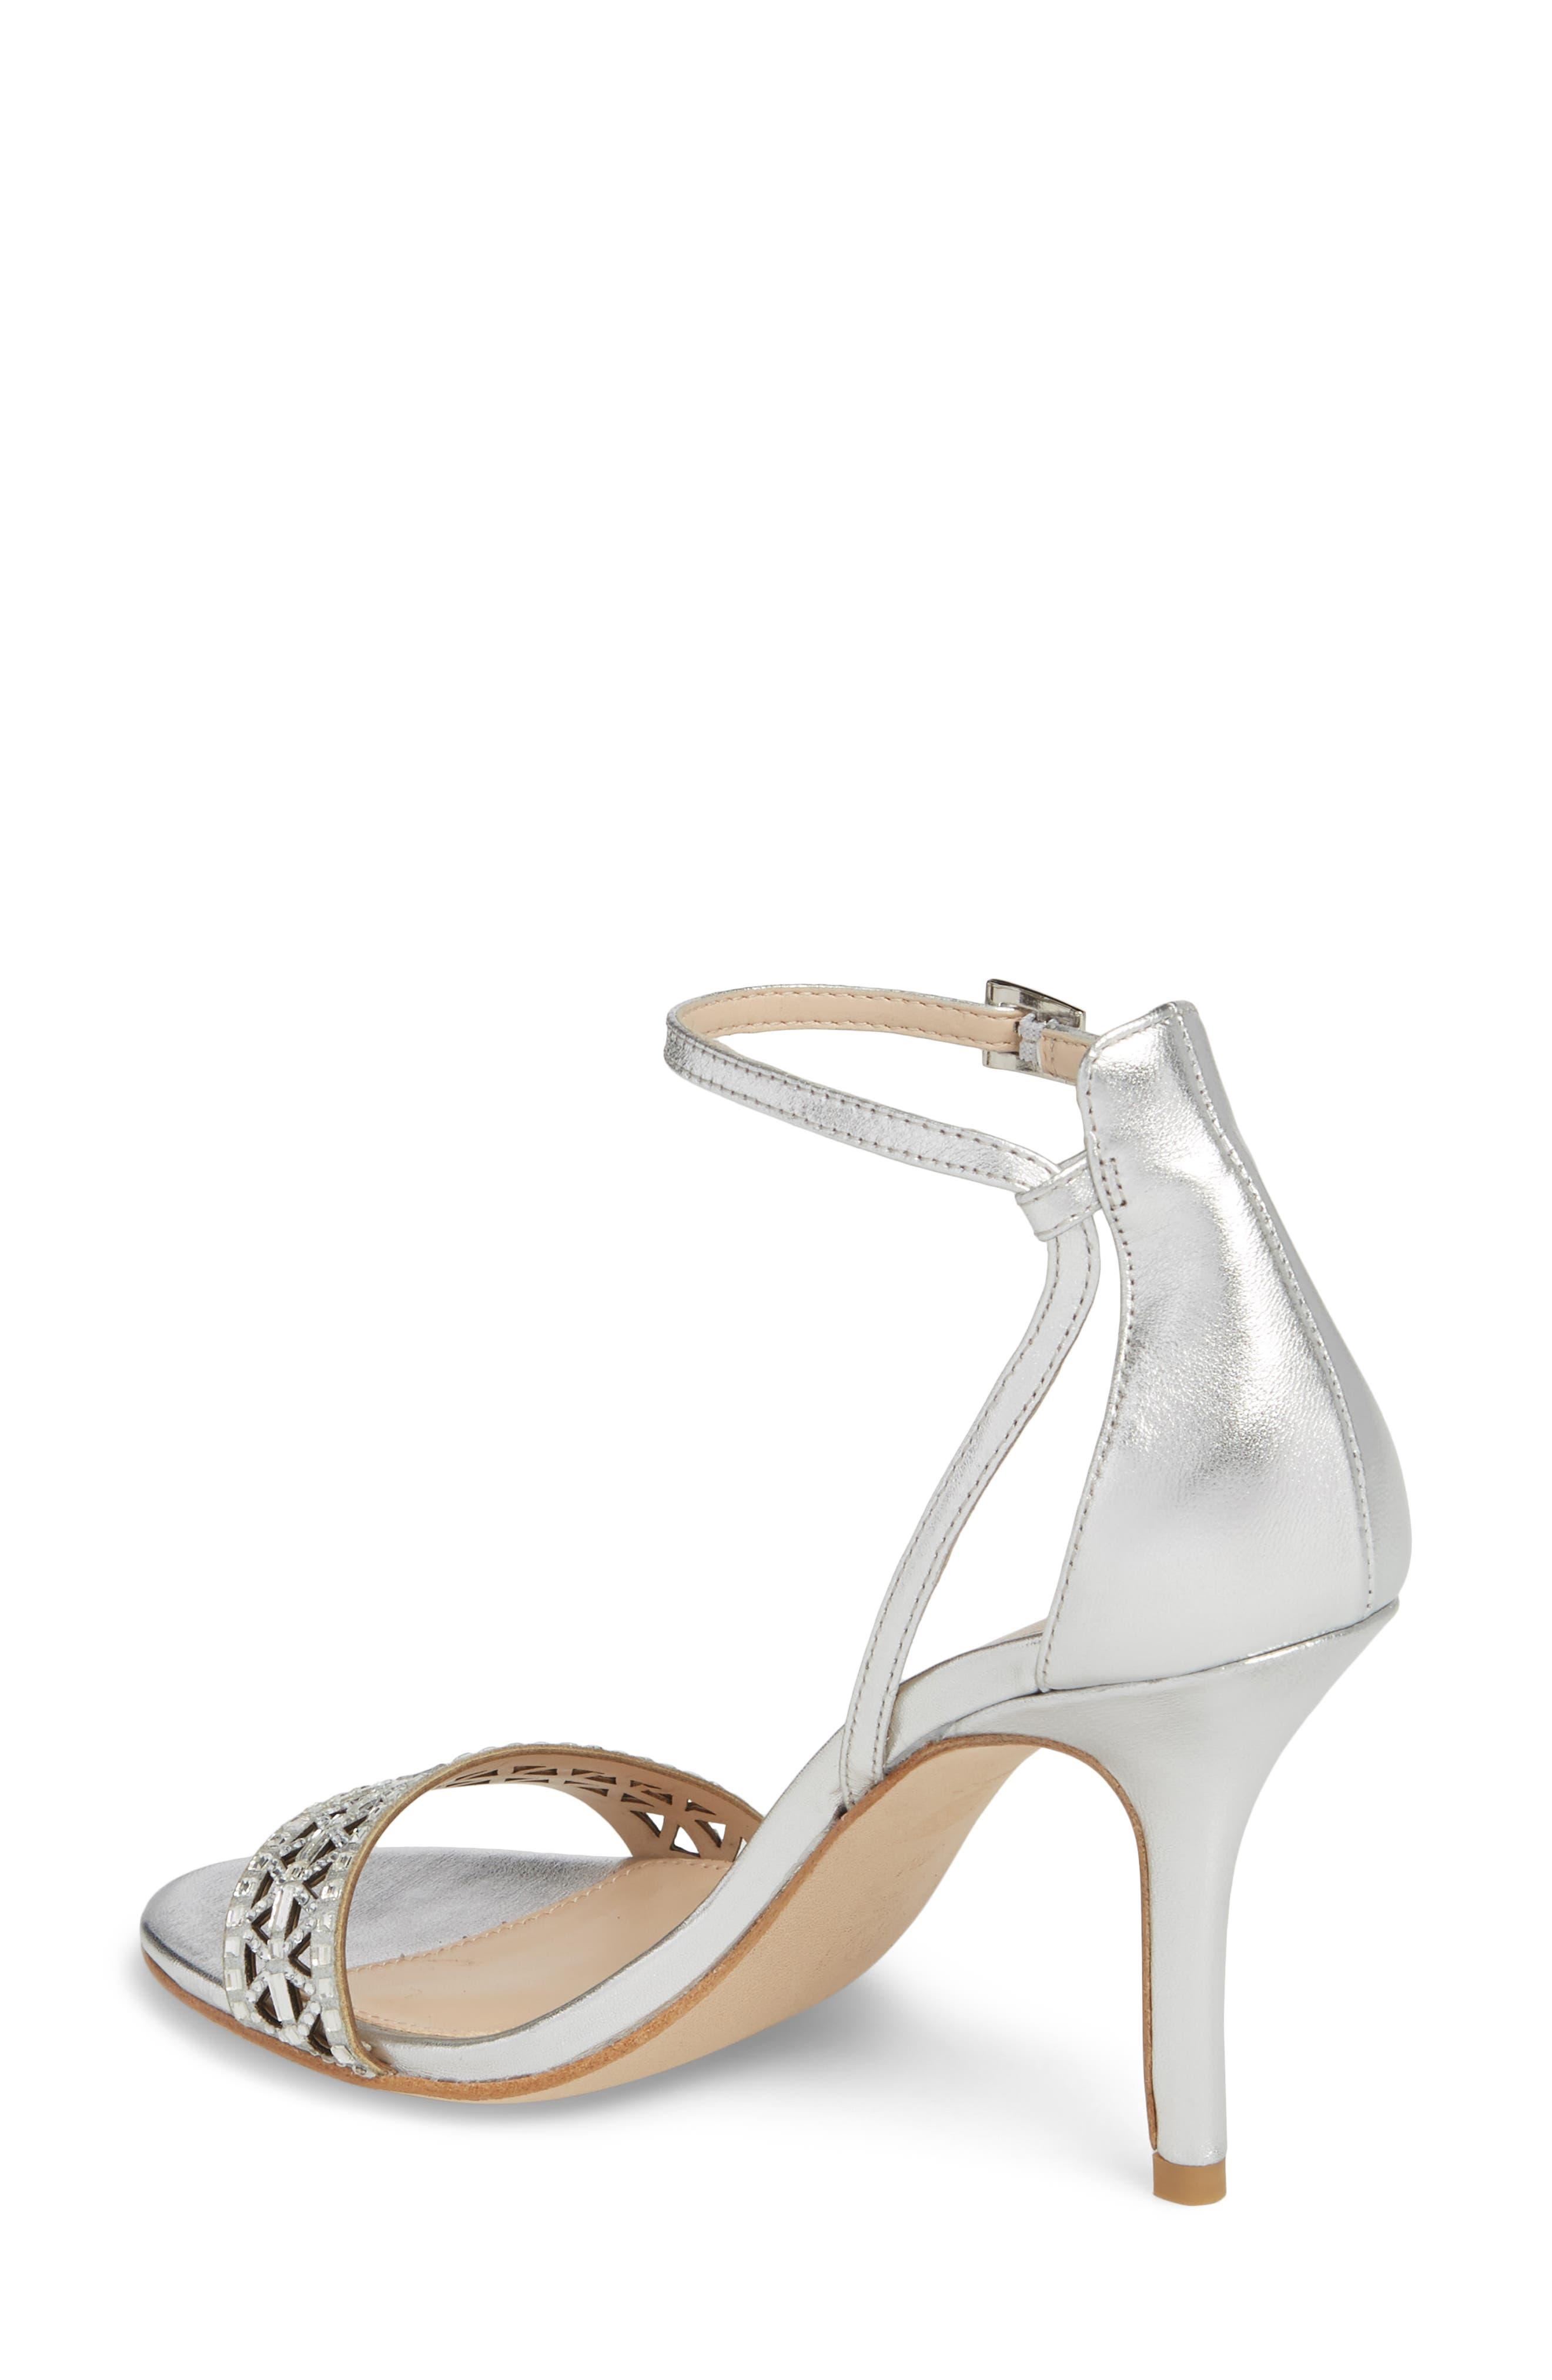 Karmina Embellished Sandal,                             Alternate thumbnail 2, color,                             Silver Leather